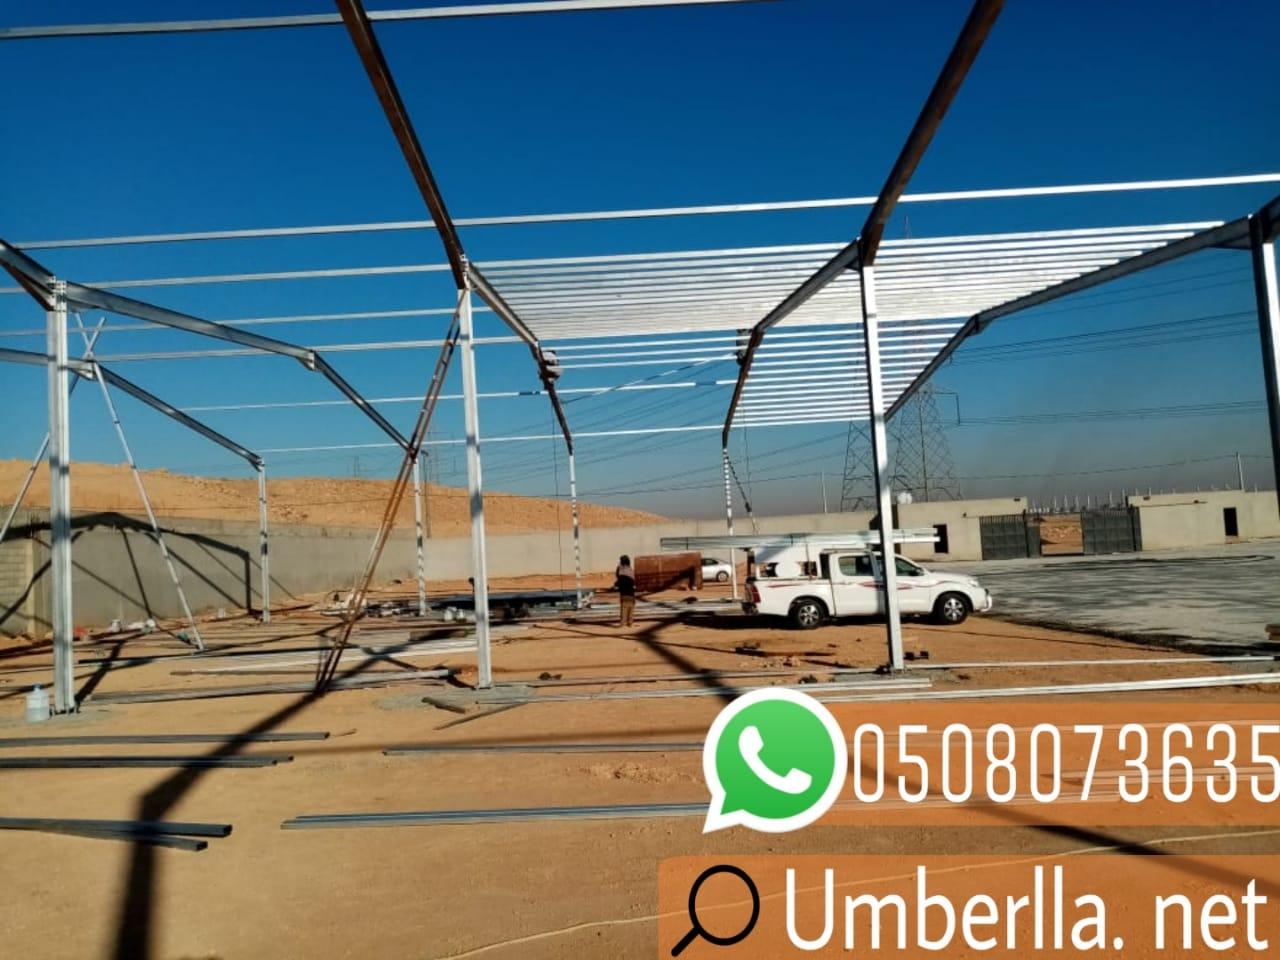 بناء هناجر , 0508073635 , , مشاريع مستودعات و هناجر , مقاول هناجر الرياض  , P_1655y14bi6